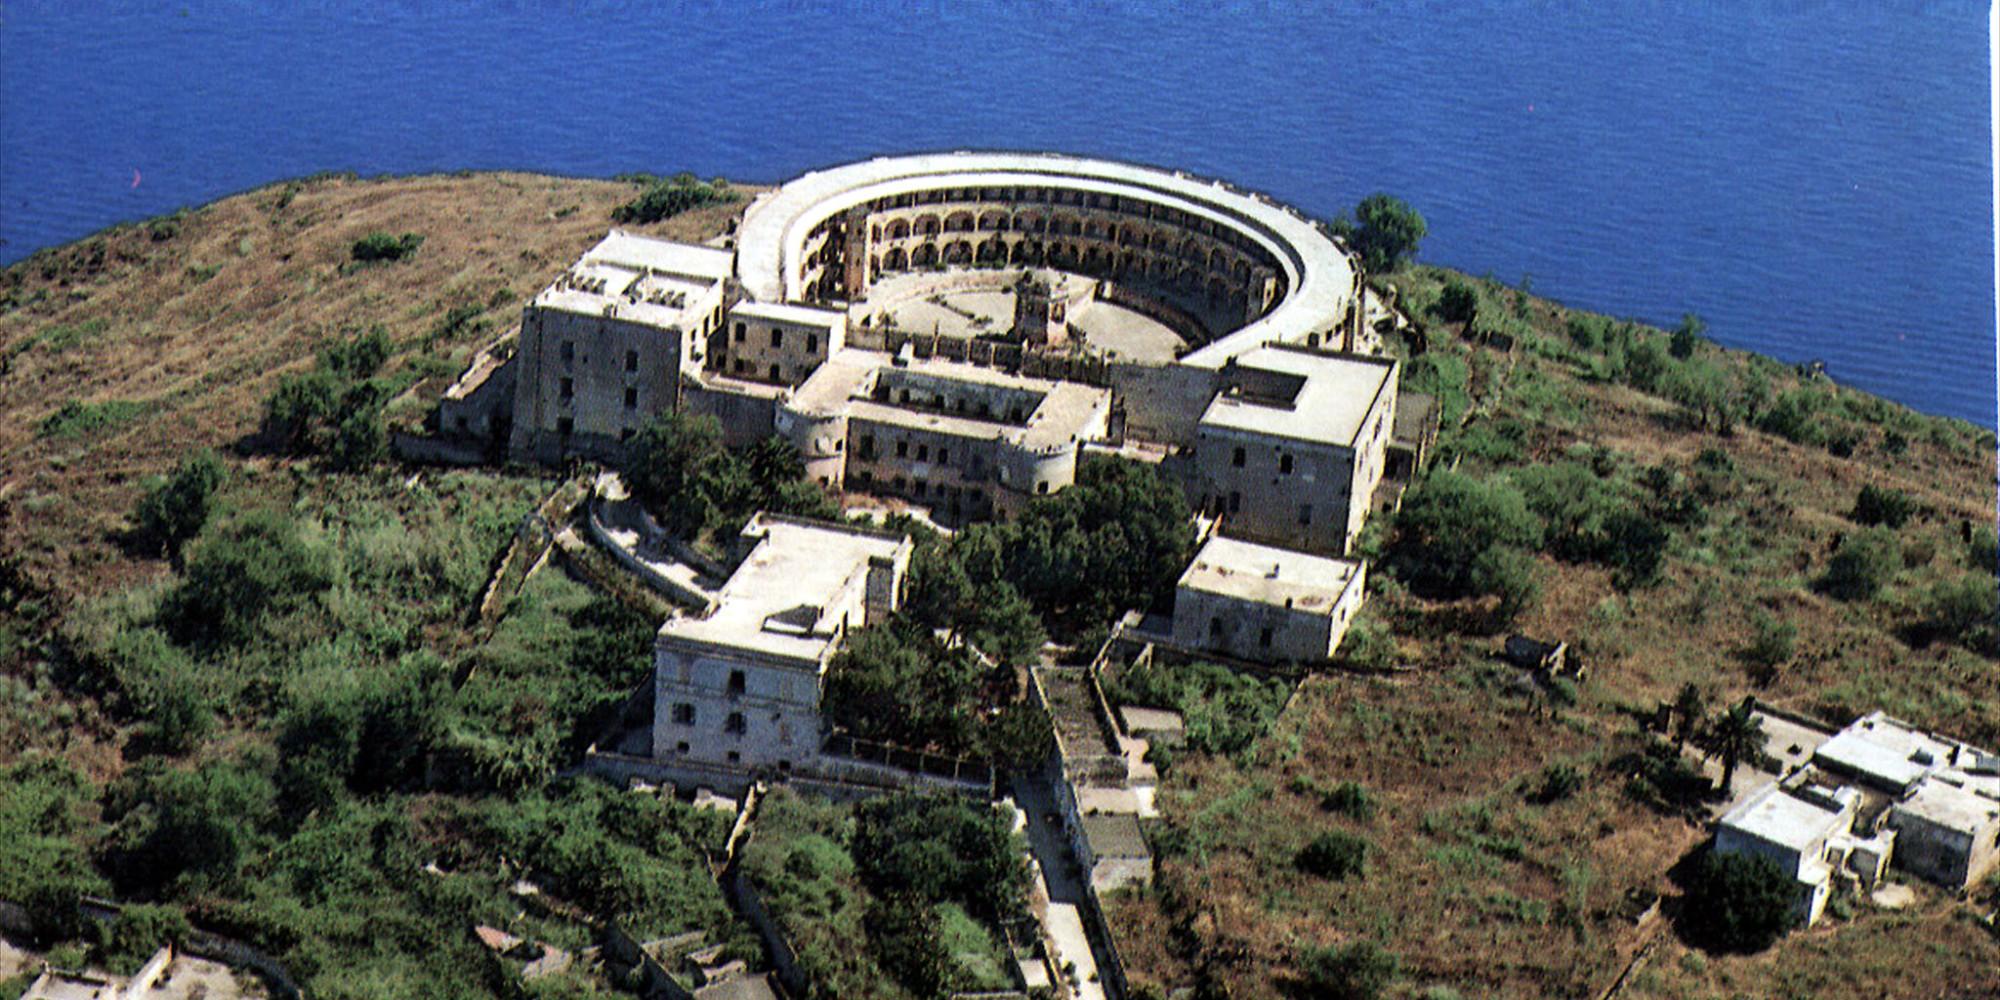 Isola Santo Stefano Italy  City pictures : Isola di Santo Stefano in vendita. Nel suo penitenziario fu detenuto ...